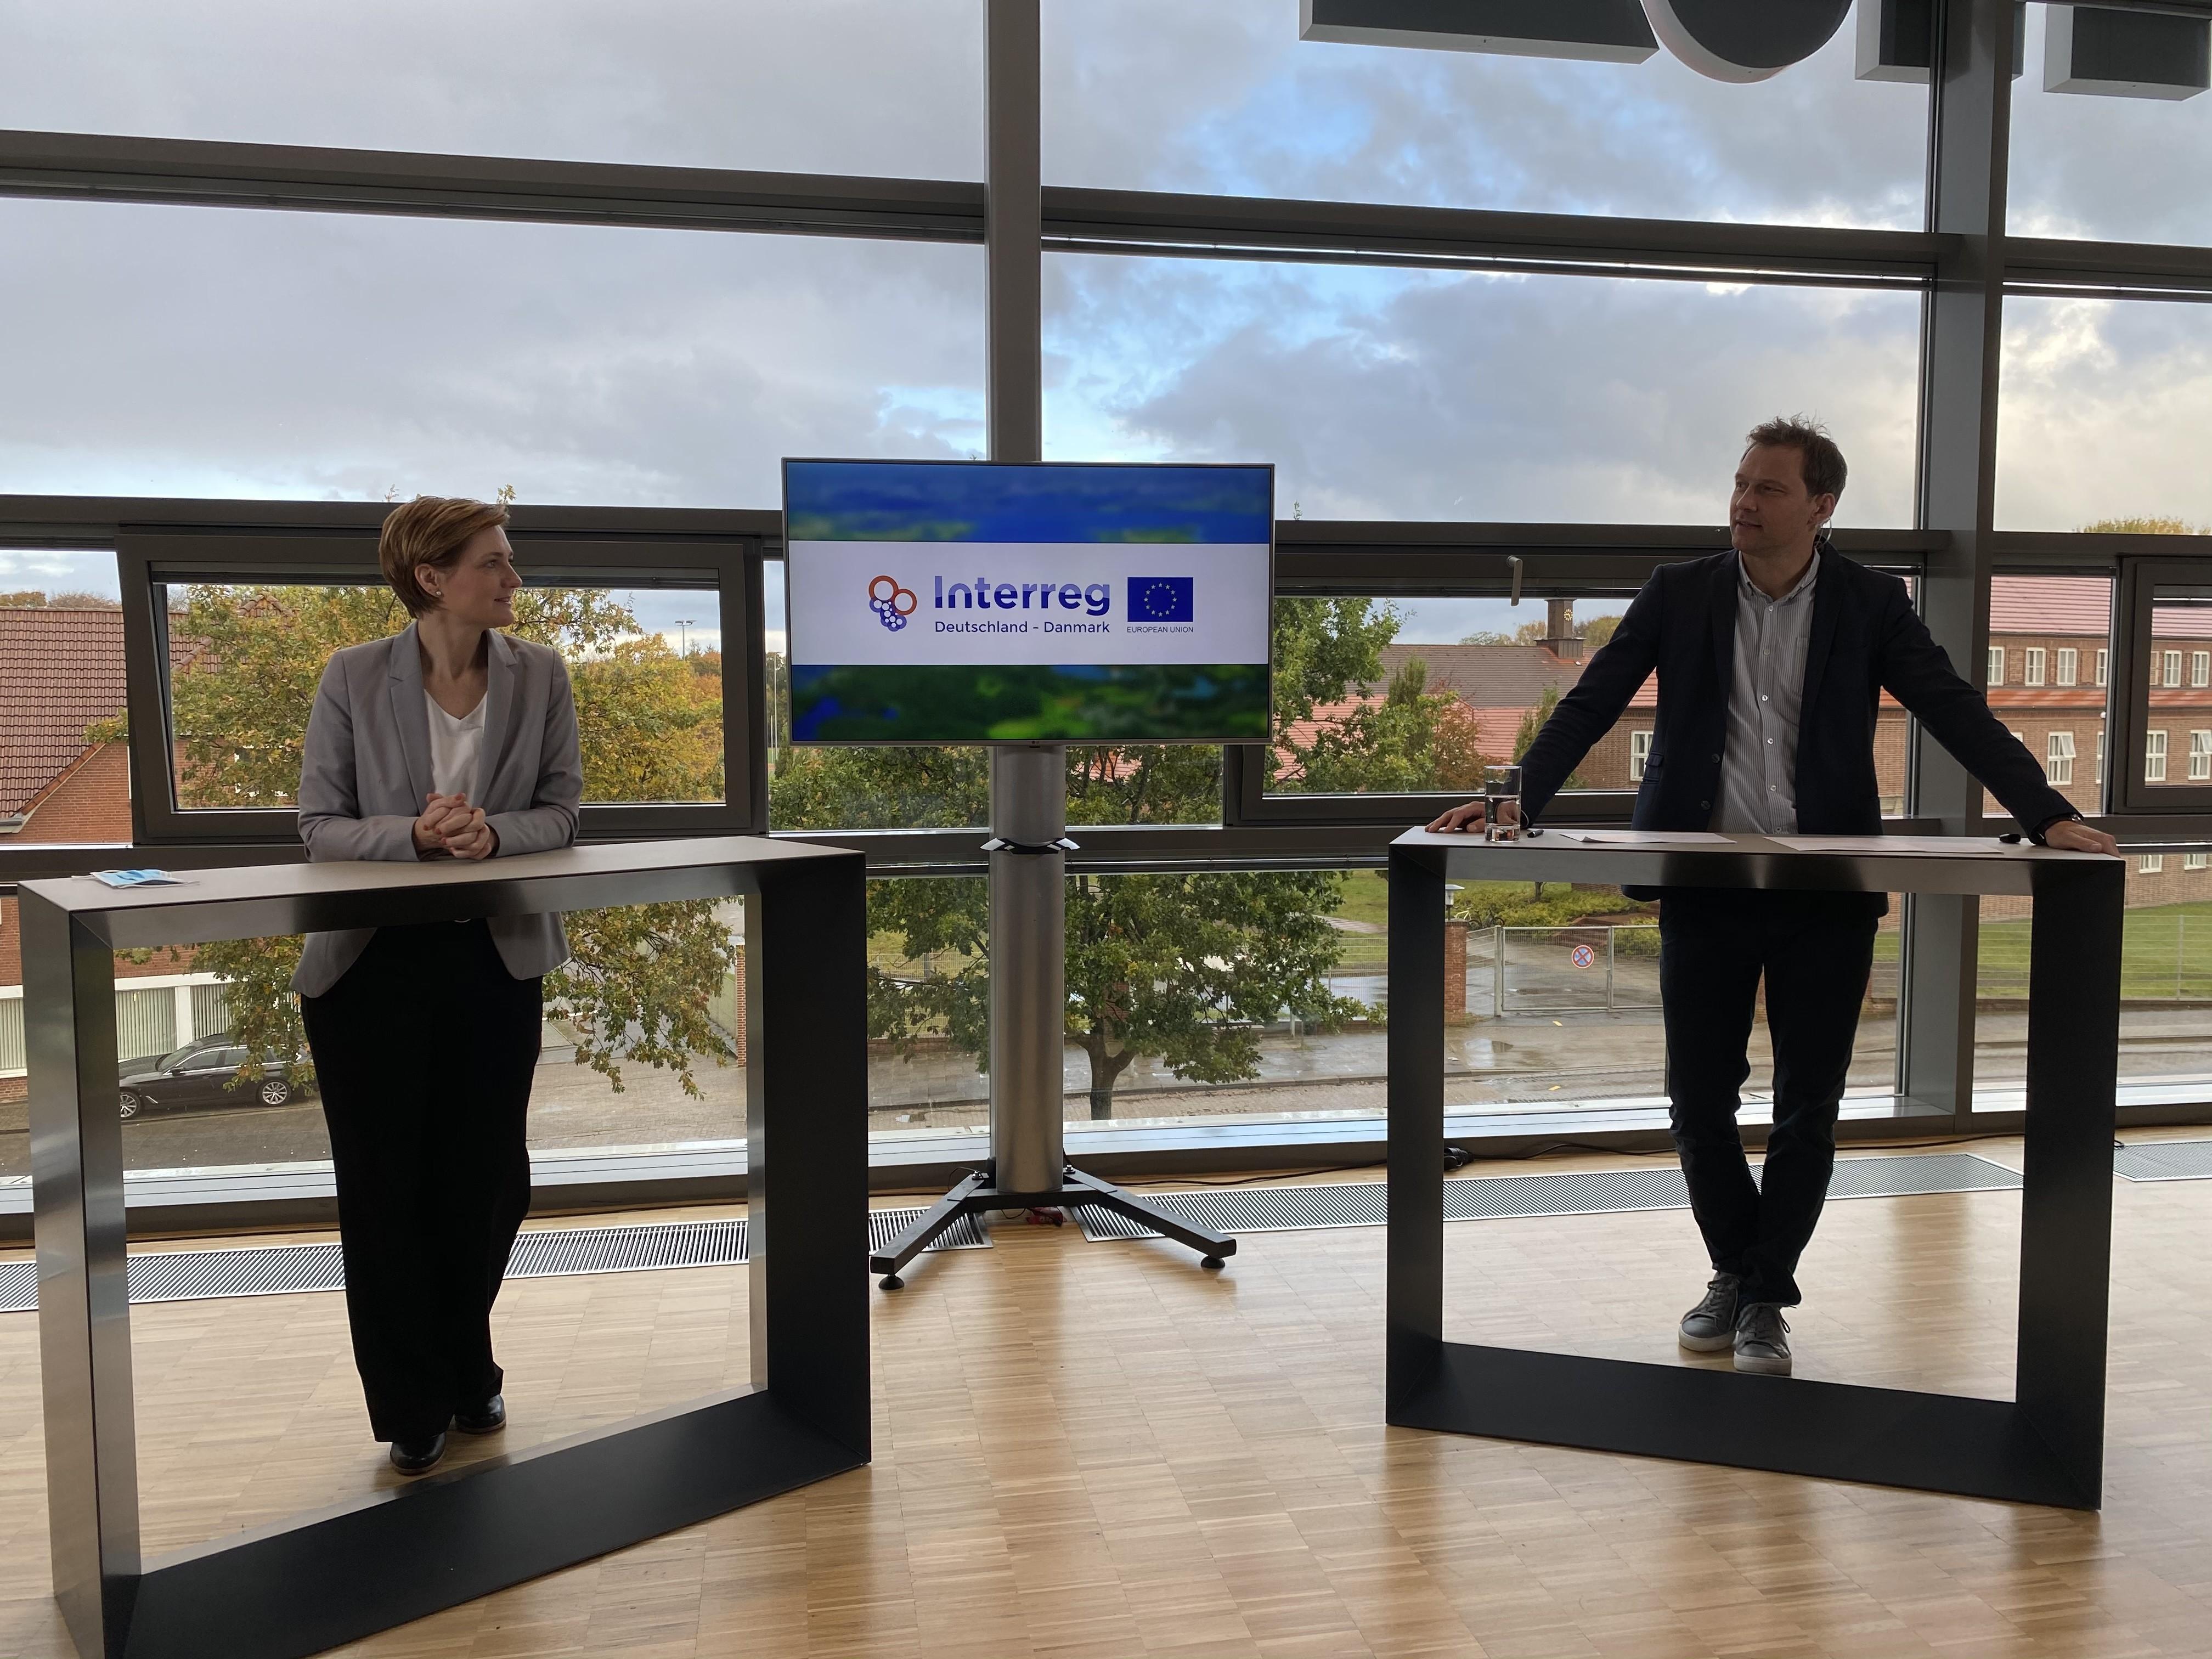 Simone Lange, Oberbürgermeisterin Stadt Flensburg & Stephan Kleinschmidt, Dezernent für Projektkoordination, Dialog und Image, Stadt Flensburg